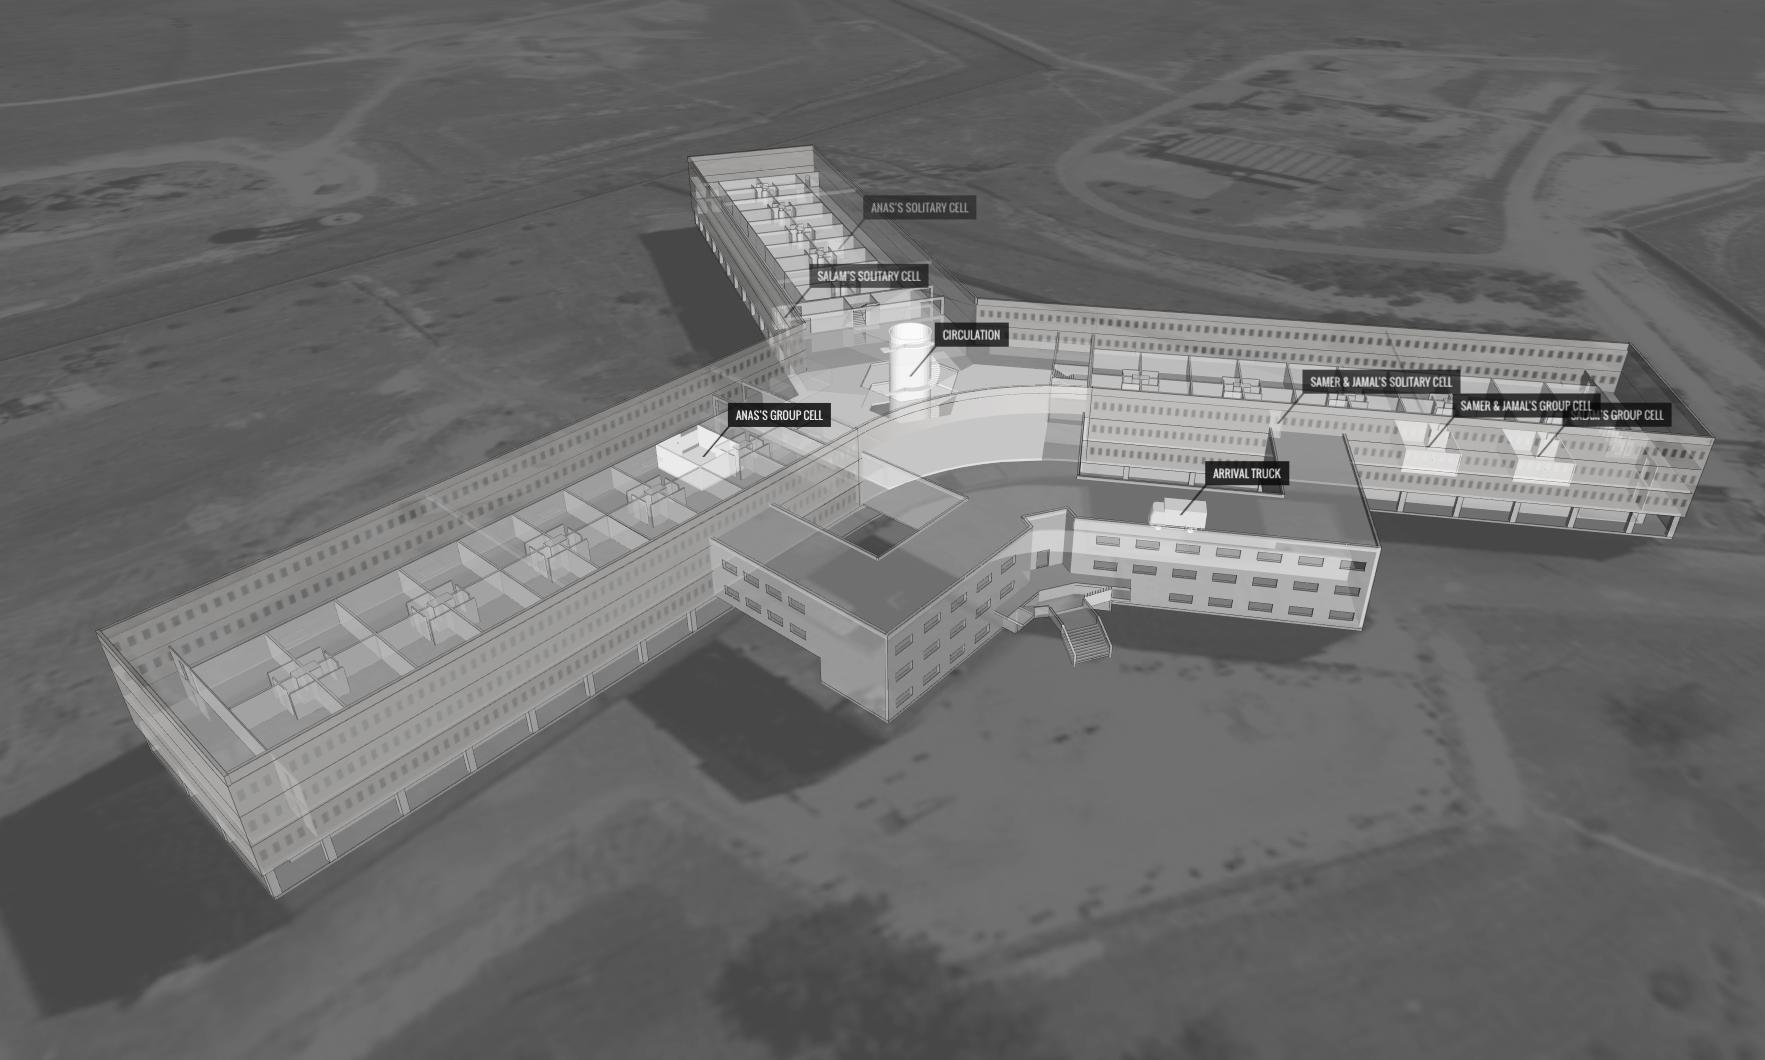 Saydnaya military prison, Syria, as visualised on Amnesty's Saydnaya forensic architecture web platform